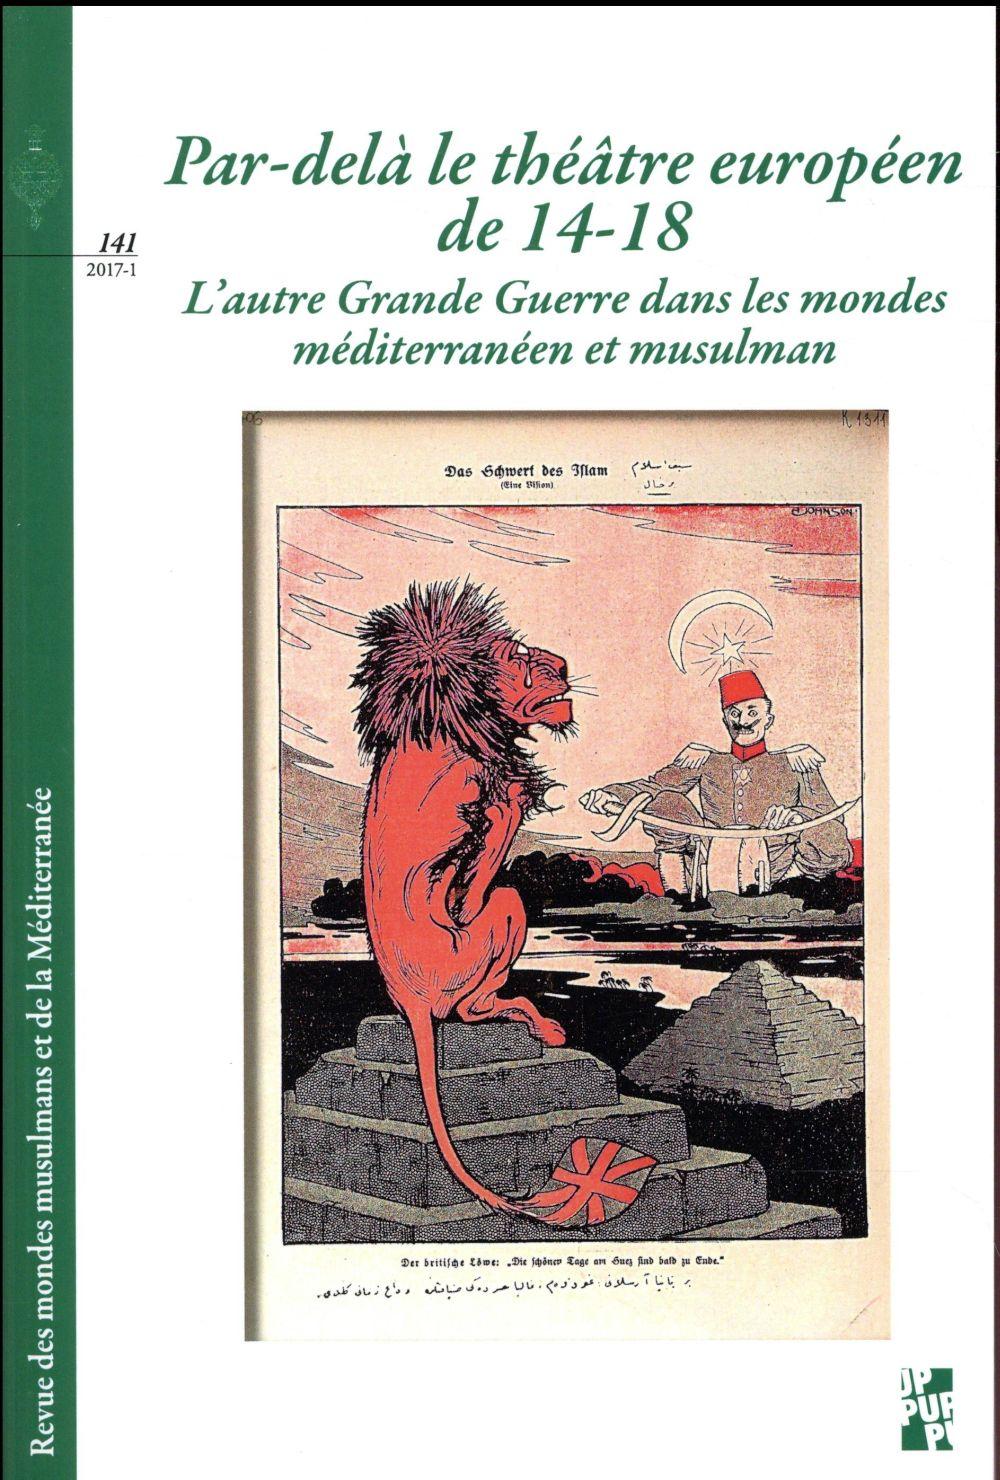 PAR-DELA LE THEATRE EUROPEEN DE 14-18 - L'AUTRE GRANDE GUERRE DANS LES MONDES MEDITERRANEEN ET MUSUL